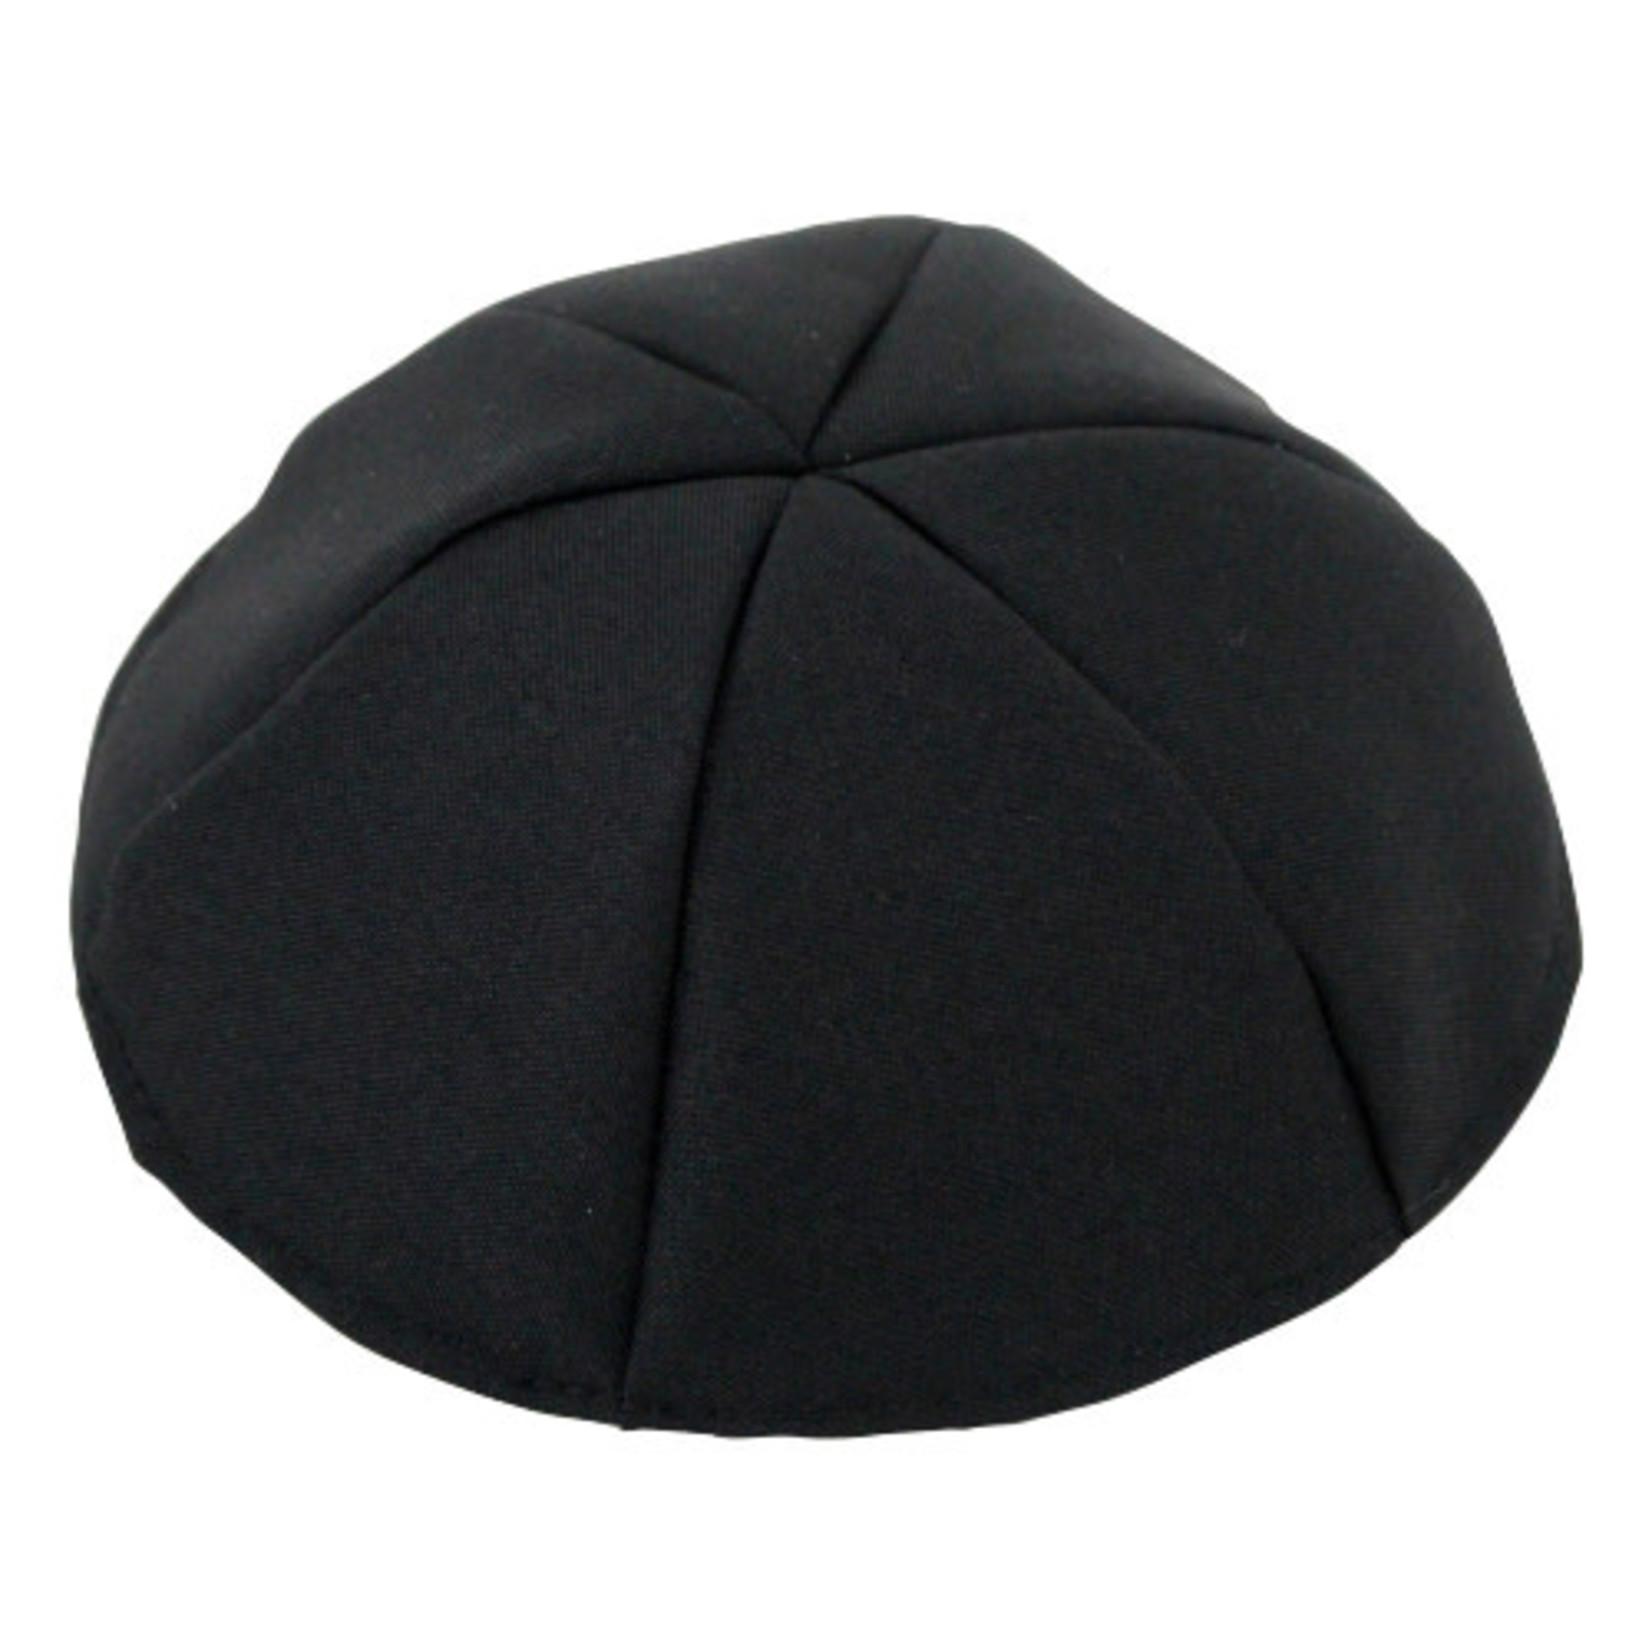 Terylene Kippah, Black, Size 9